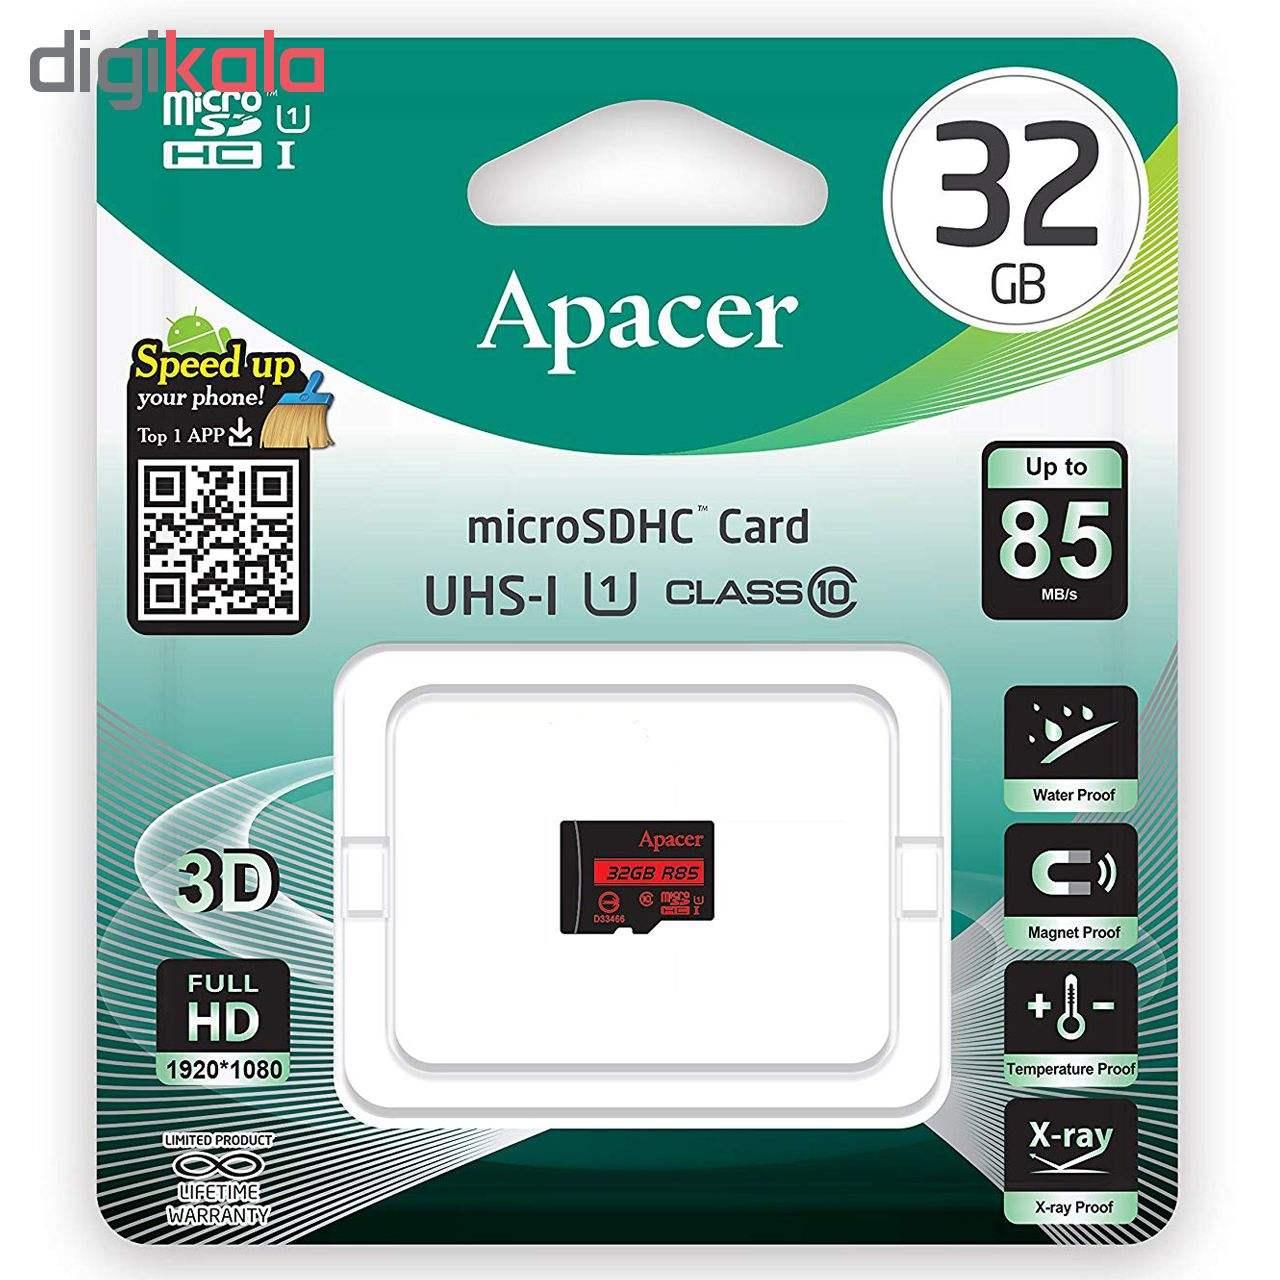 کارت حافظه microSDHC اپیسر مدل AP32G کلاس 10 استاندارد  UHS-I U1 سرعت 85MBps ظرفیت 32 گیگابایت main 1 1